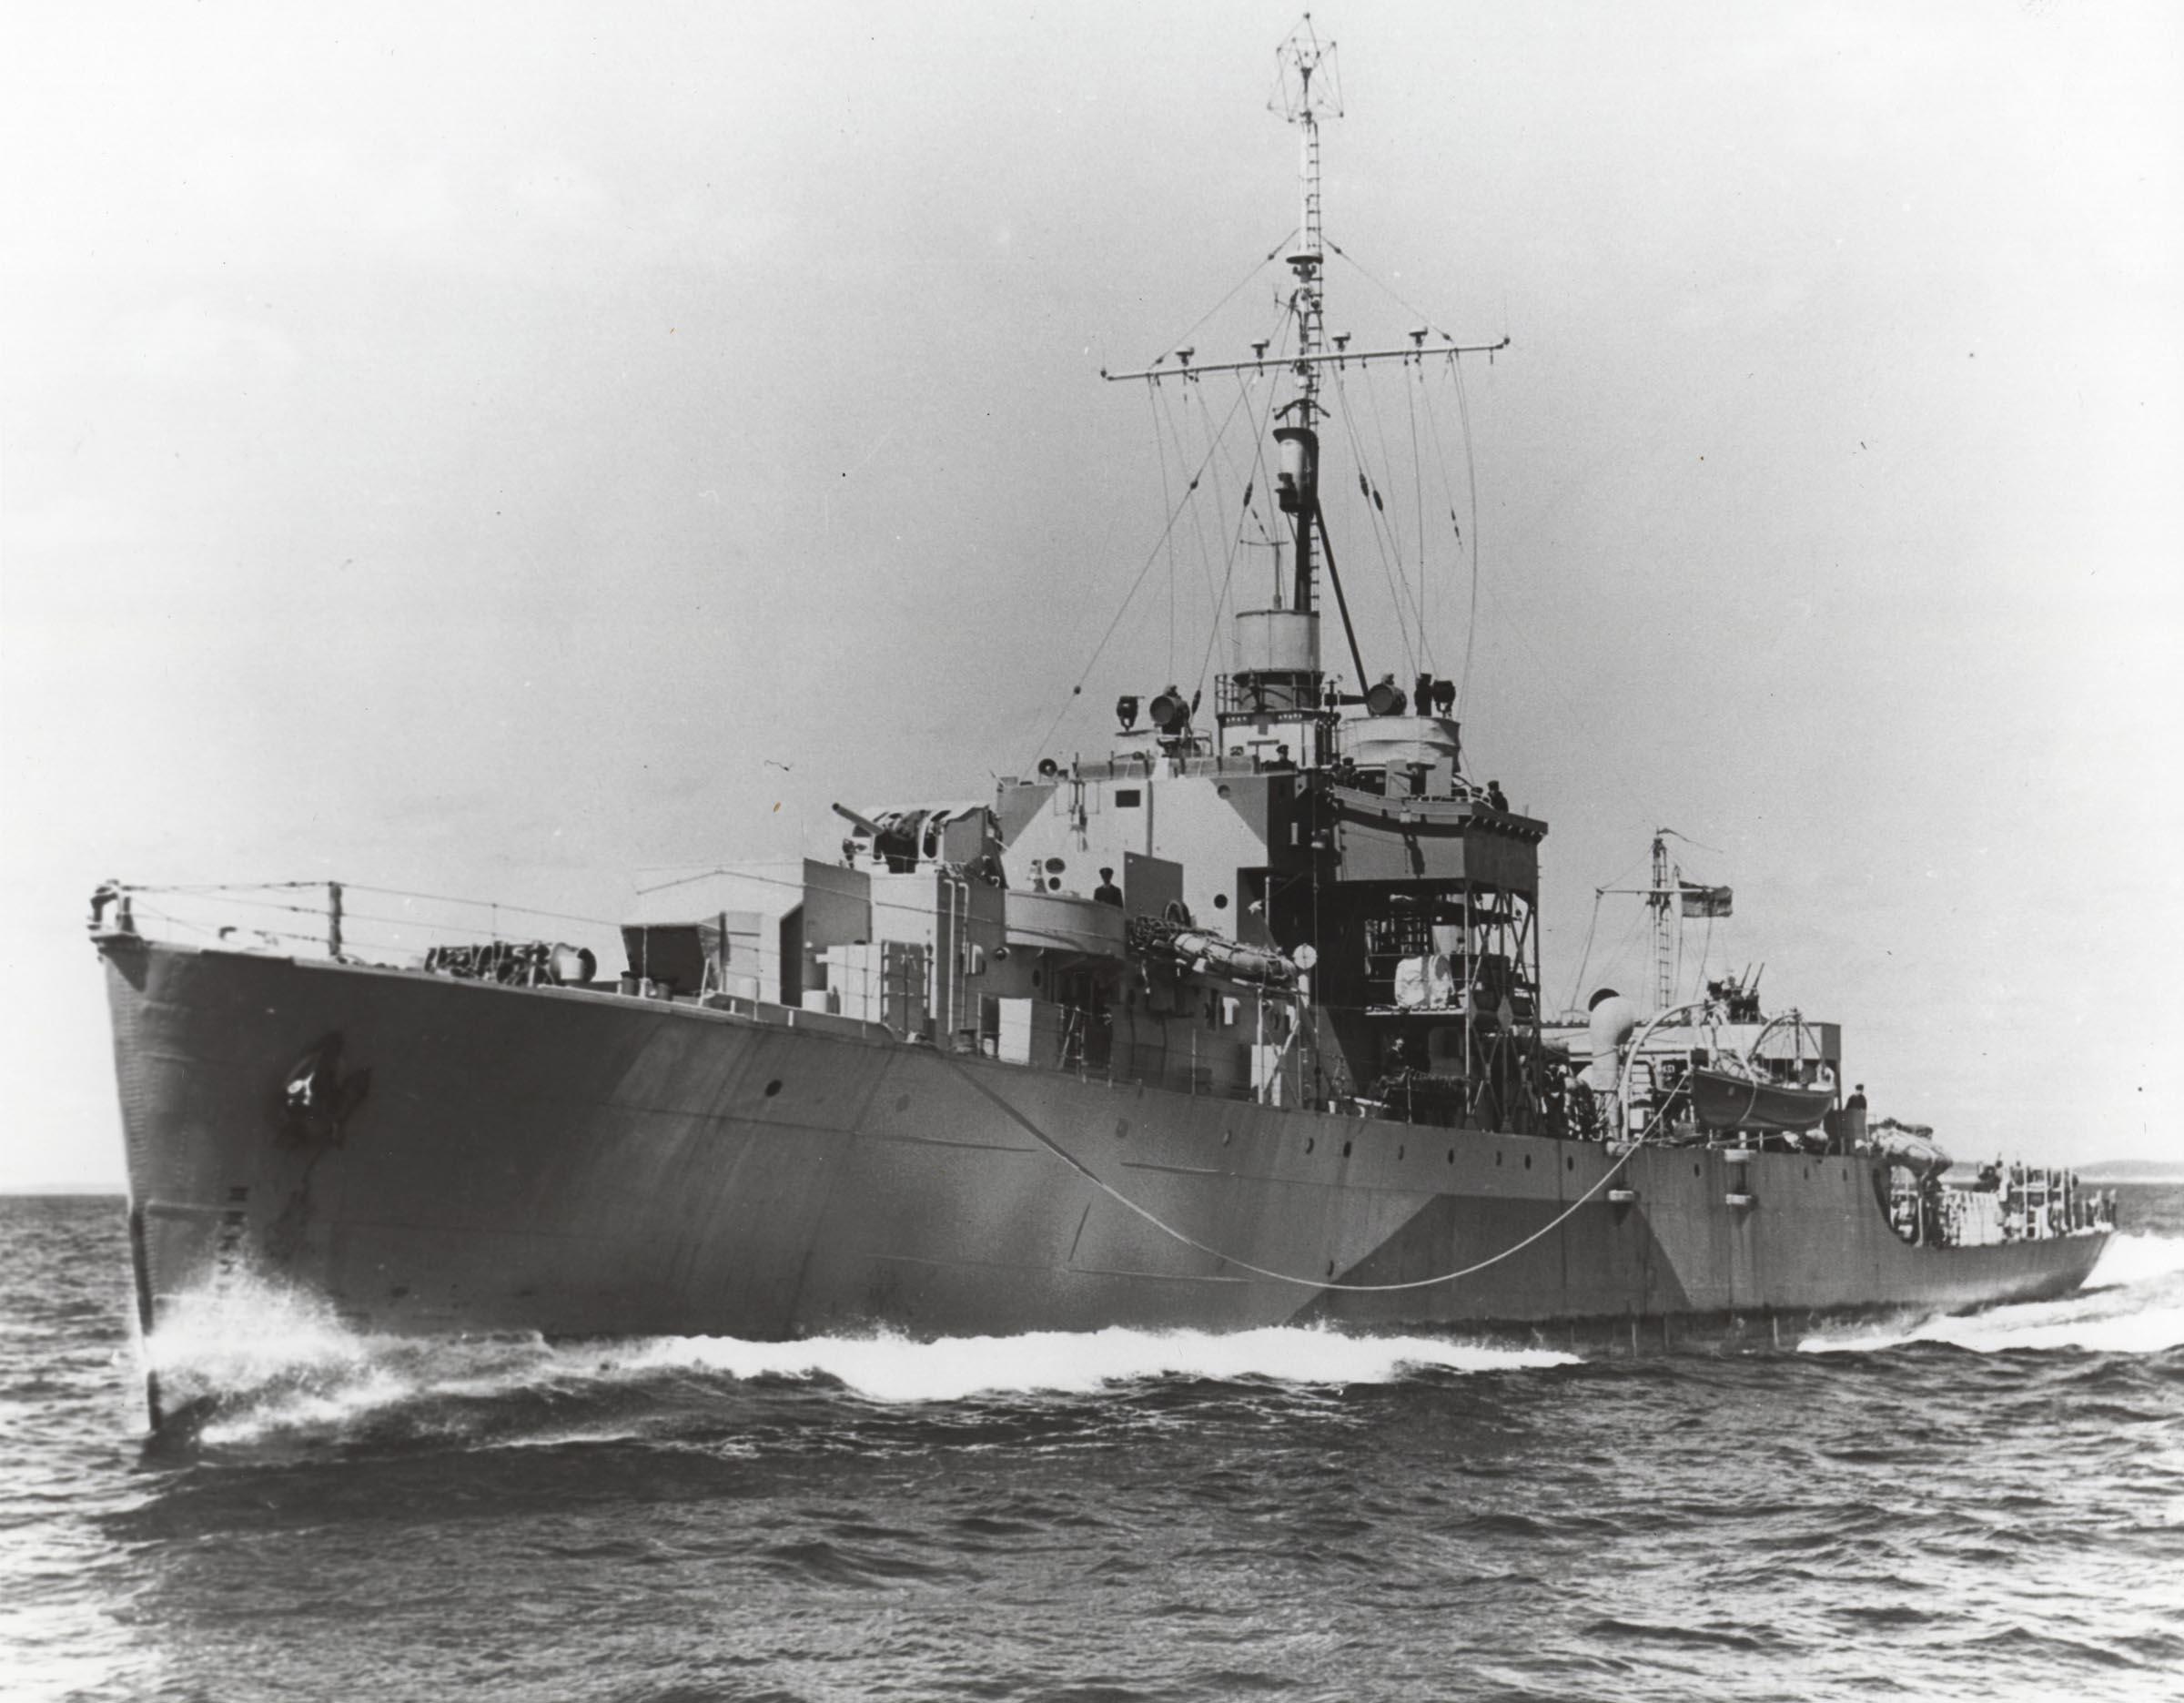 HMCS MEON